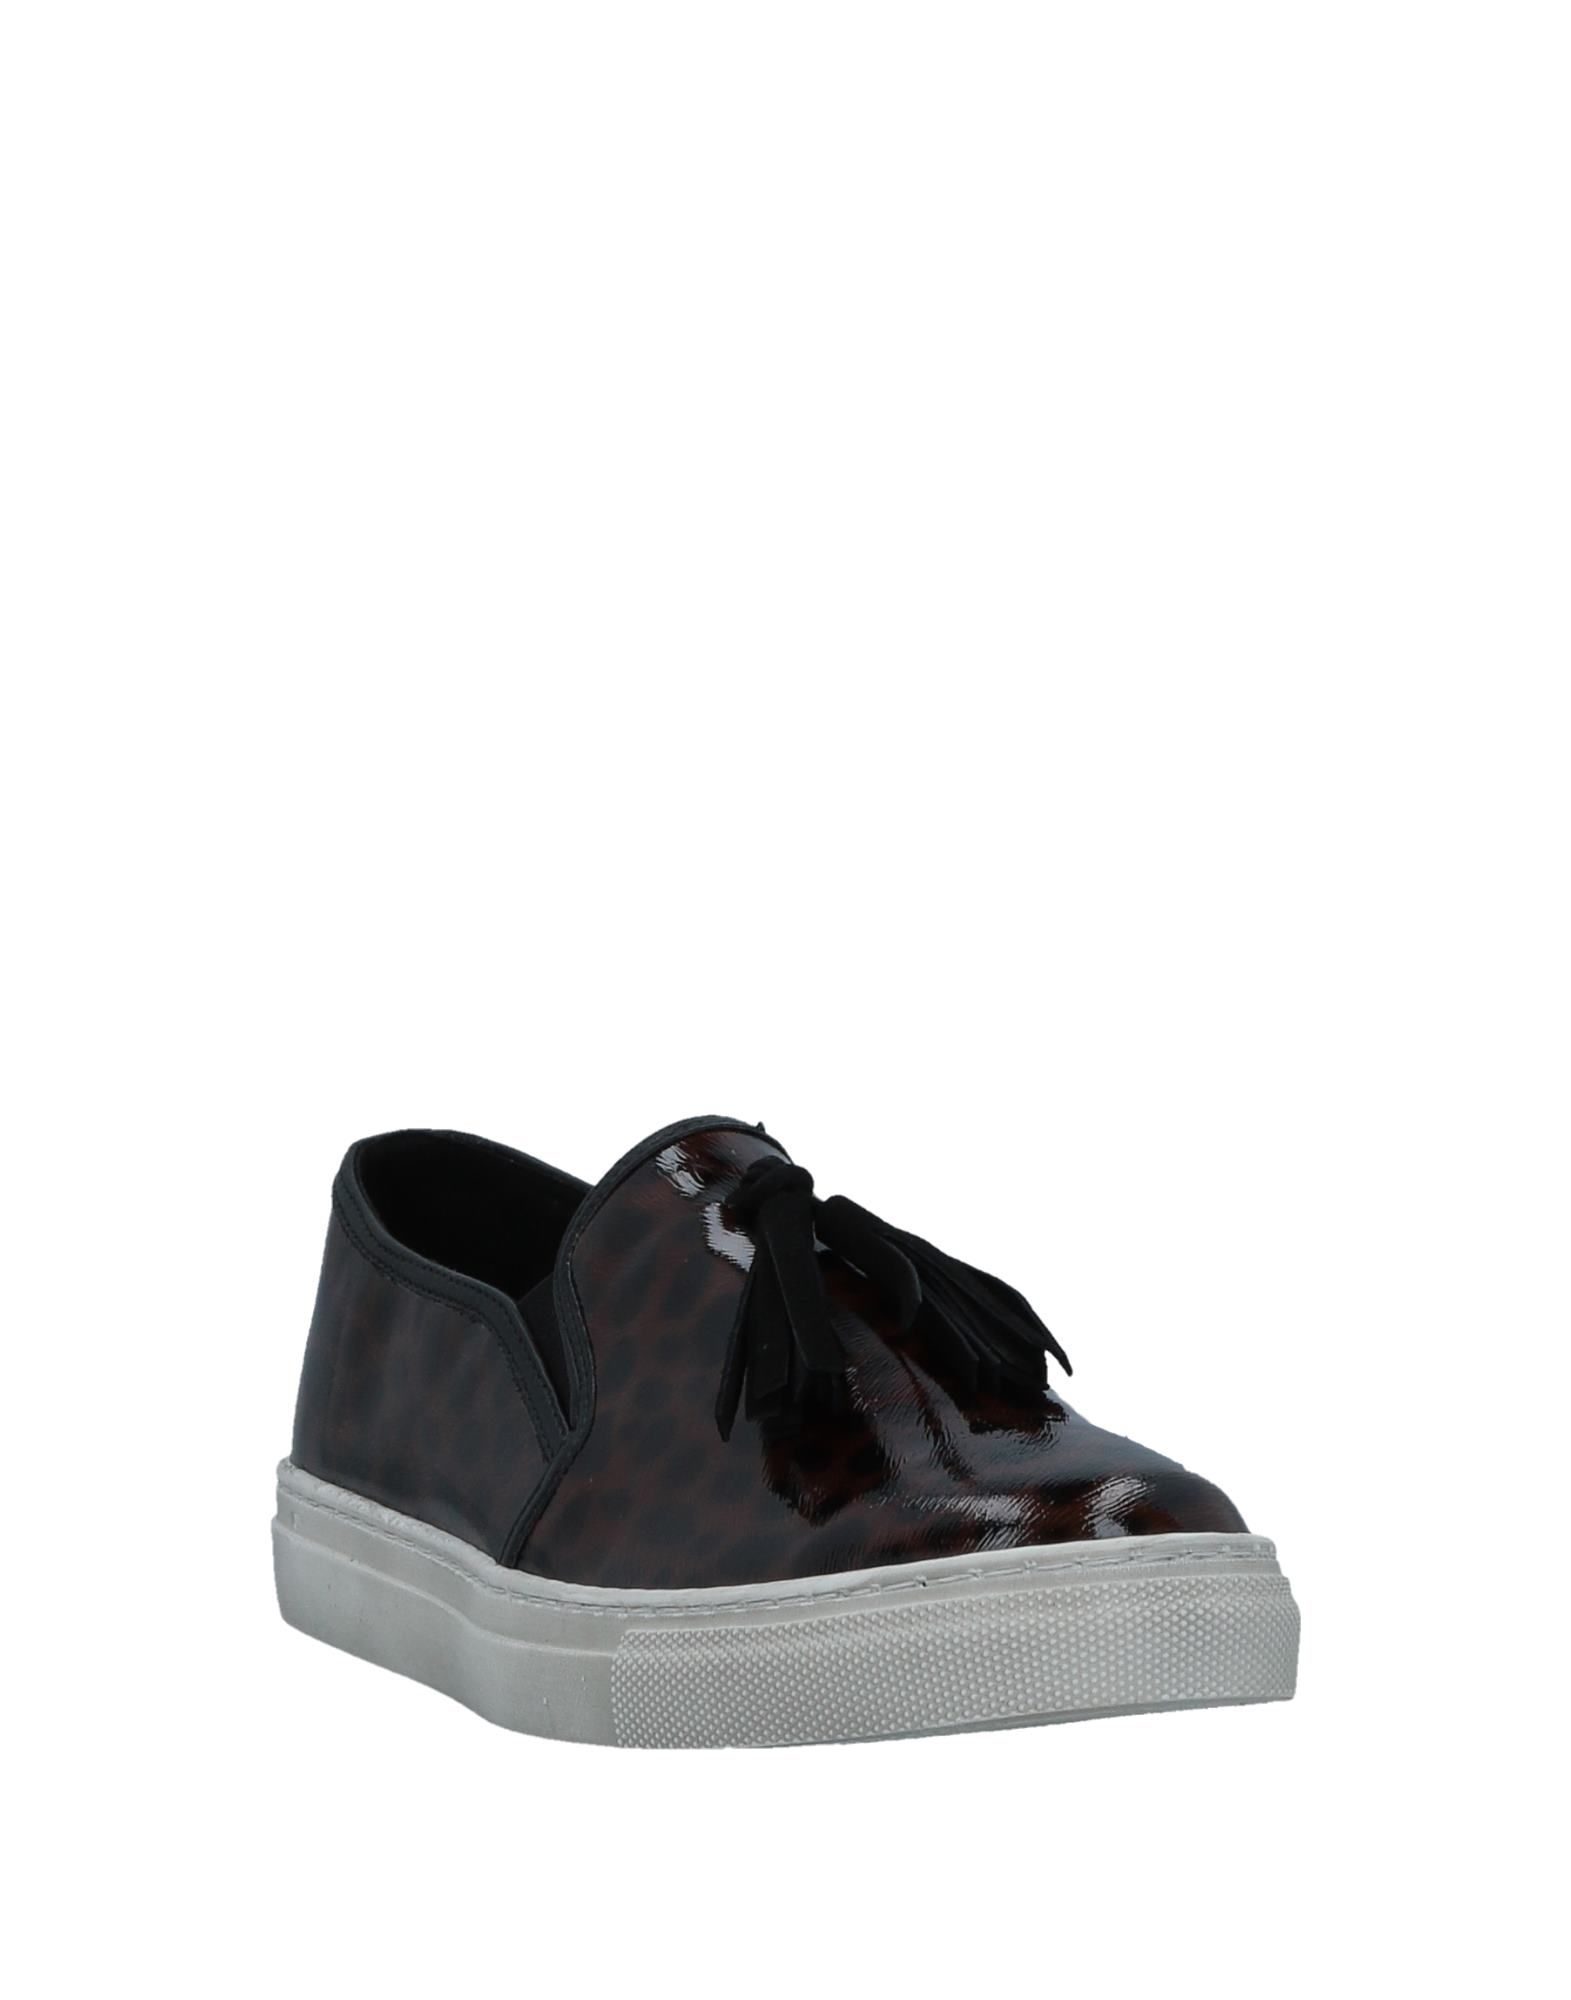 Clarys Sneakers Damen  11525470GK Gute Qualität beliebte Schuhe Schuhe Schuhe 6b7693